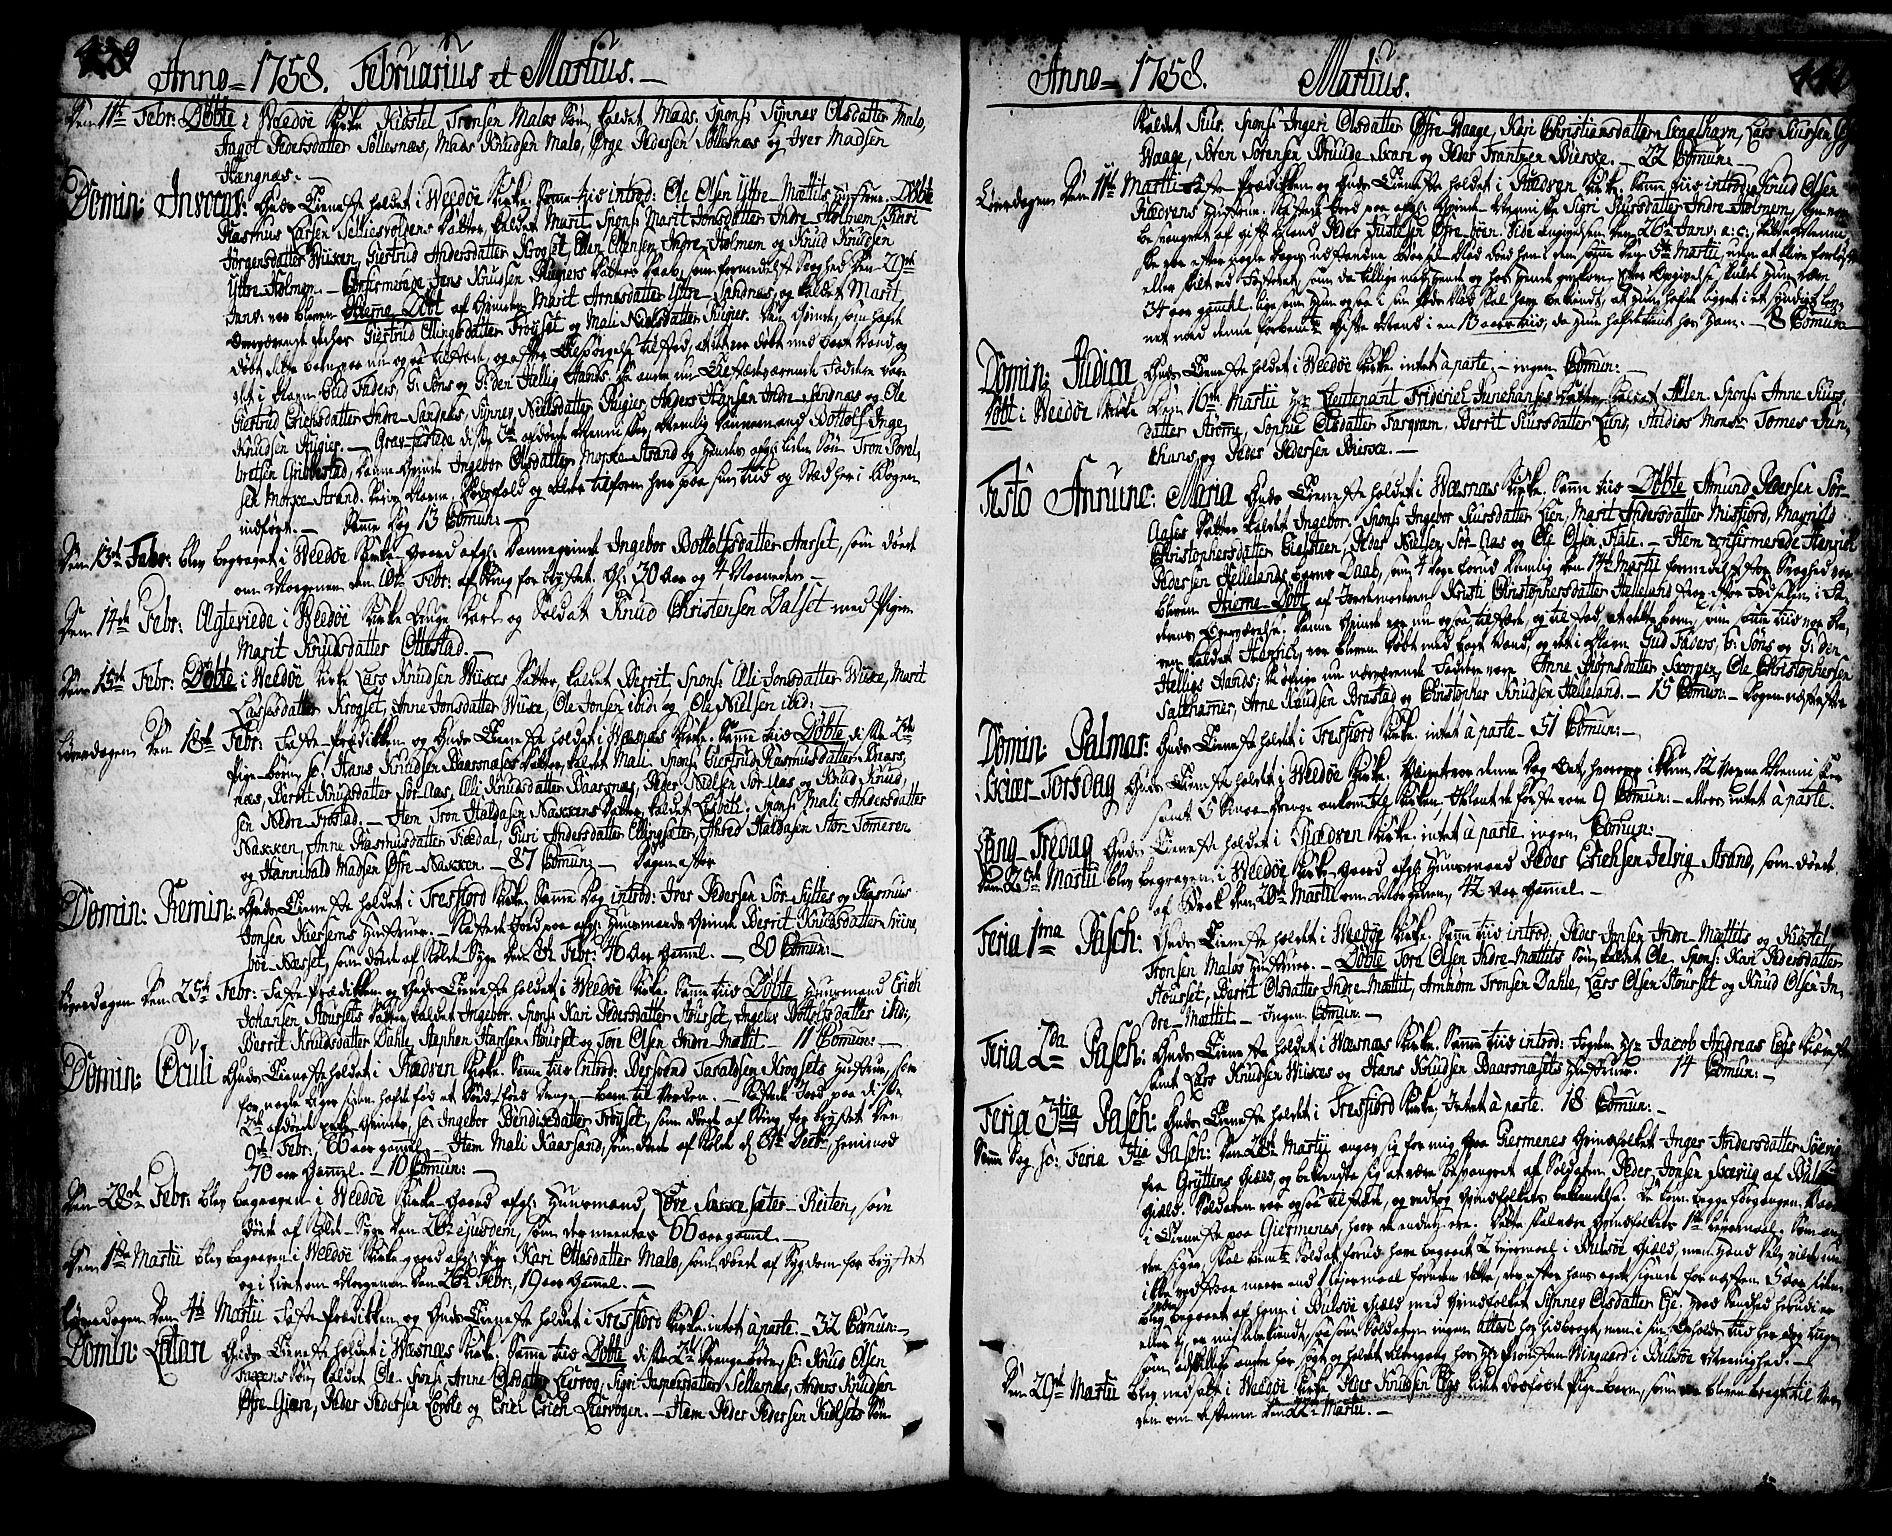 SAT, Ministerialprotokoller, klokkerbøker og fødselsregistre - Møre og Romsdal, 547/L0599: Ministerialbok nr. 547A01, 1721-1764, s. 439-440